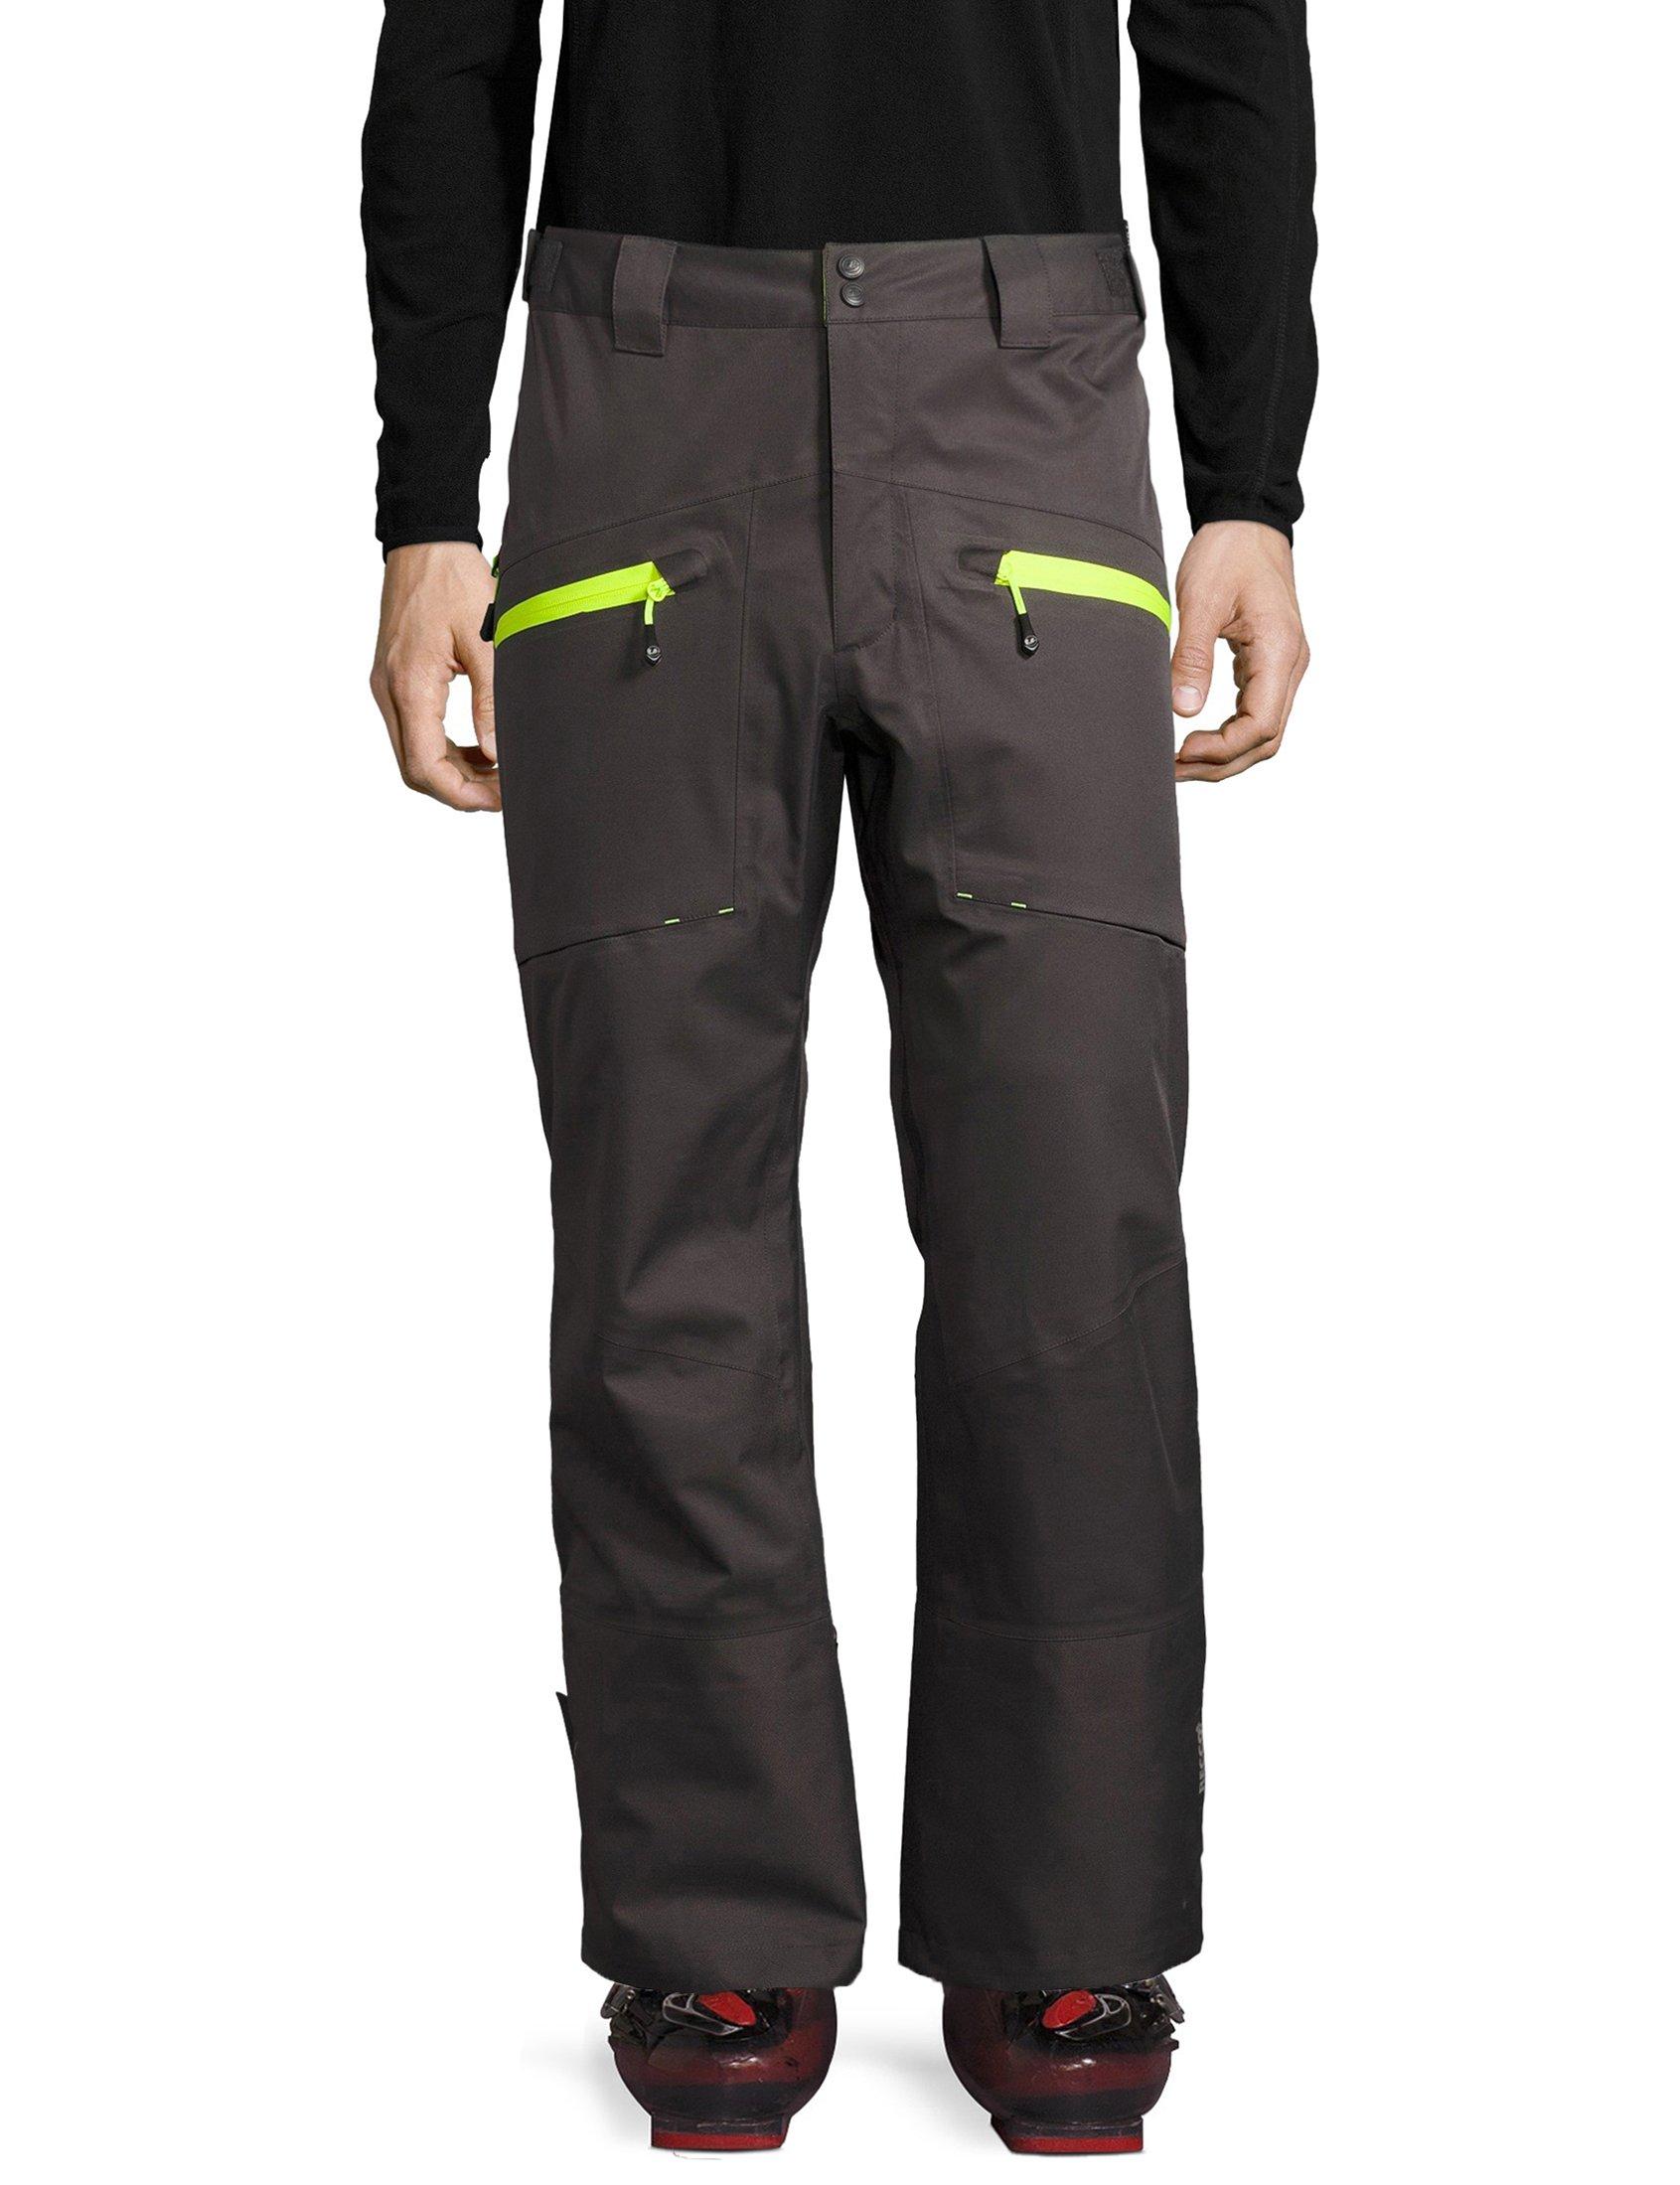 carino economico 100% di soddisfazione nuova selezione Ultrasport Professional Pantaloni da sci 2 in 1 da uomo Inuit con sistema  di salvataggio RECCO, pantaloni da sci da uomo, pantaloni funzionali da ...